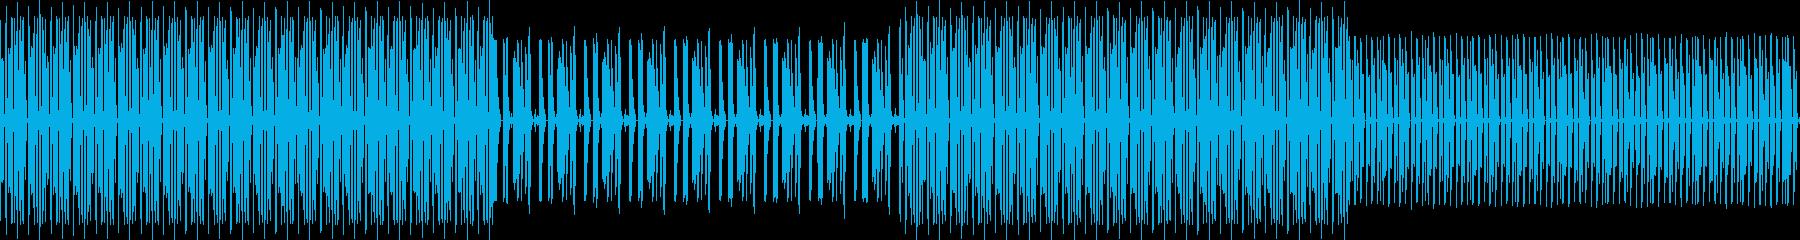 リズミカルなドラムの再生済みの波形